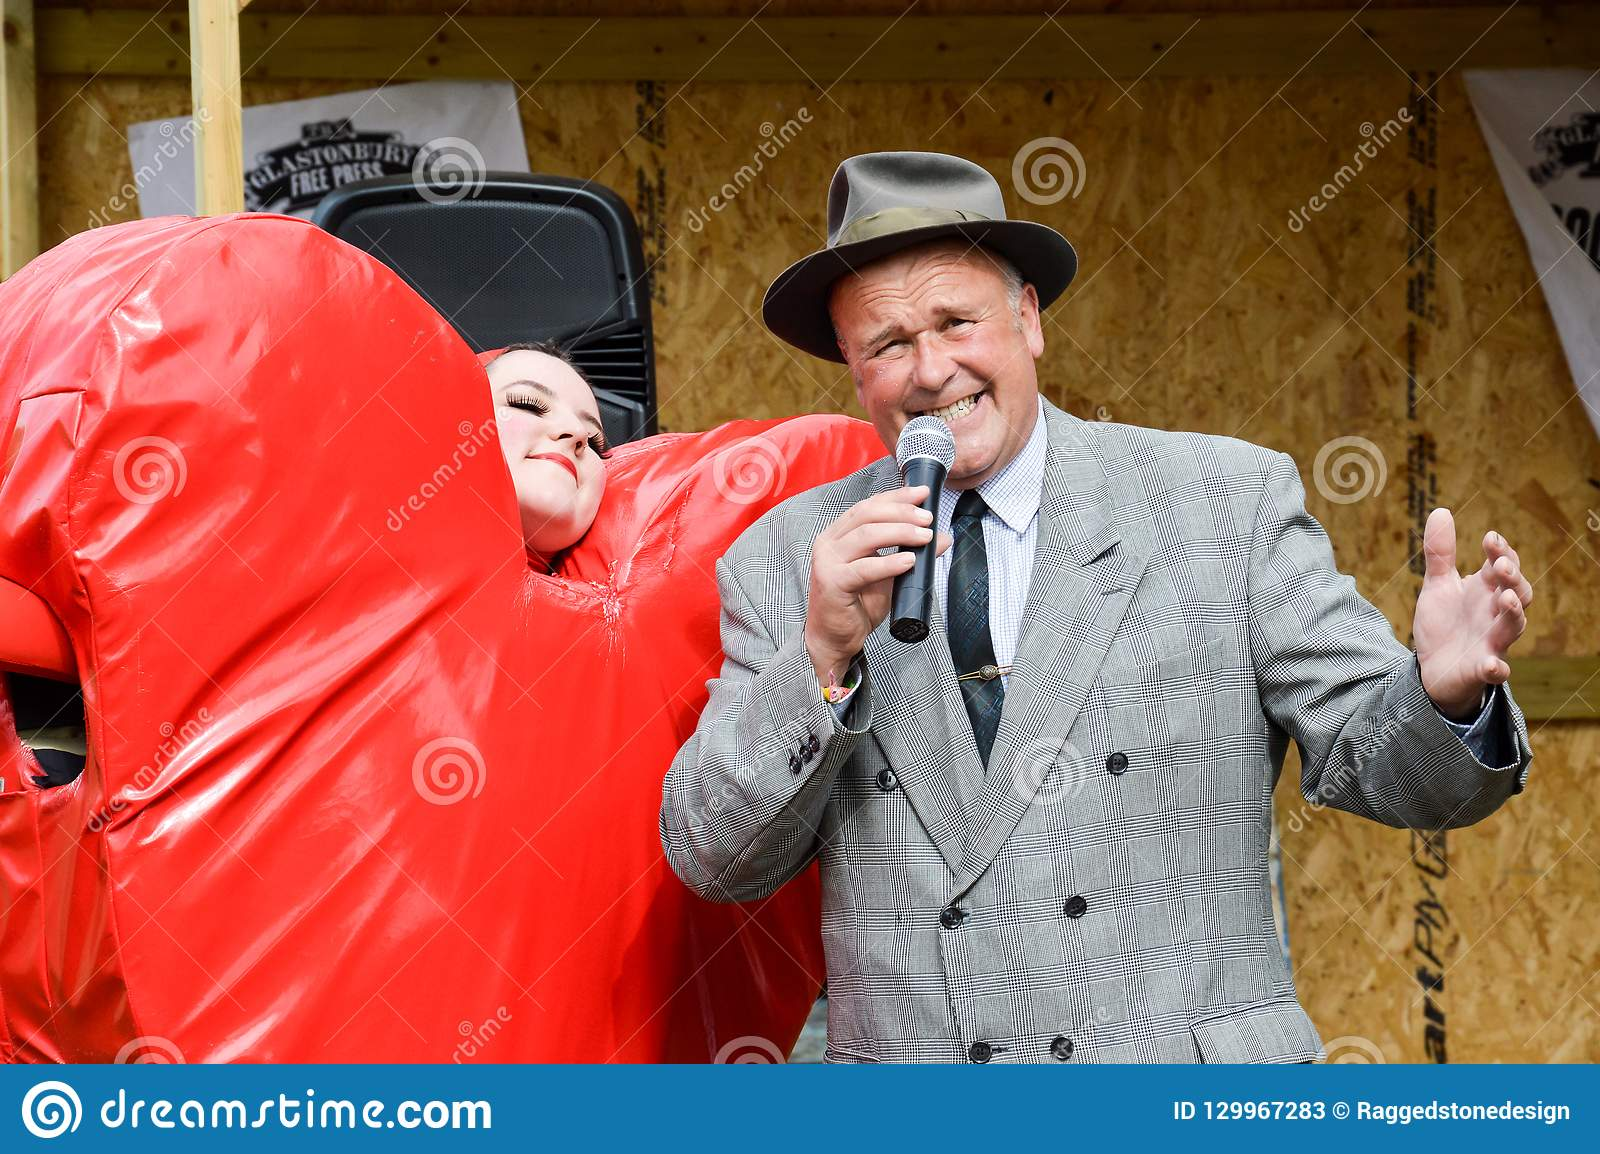 Juni 28th, 2015 En gentlemansångare som kläs som en 40-talrefrängsångare